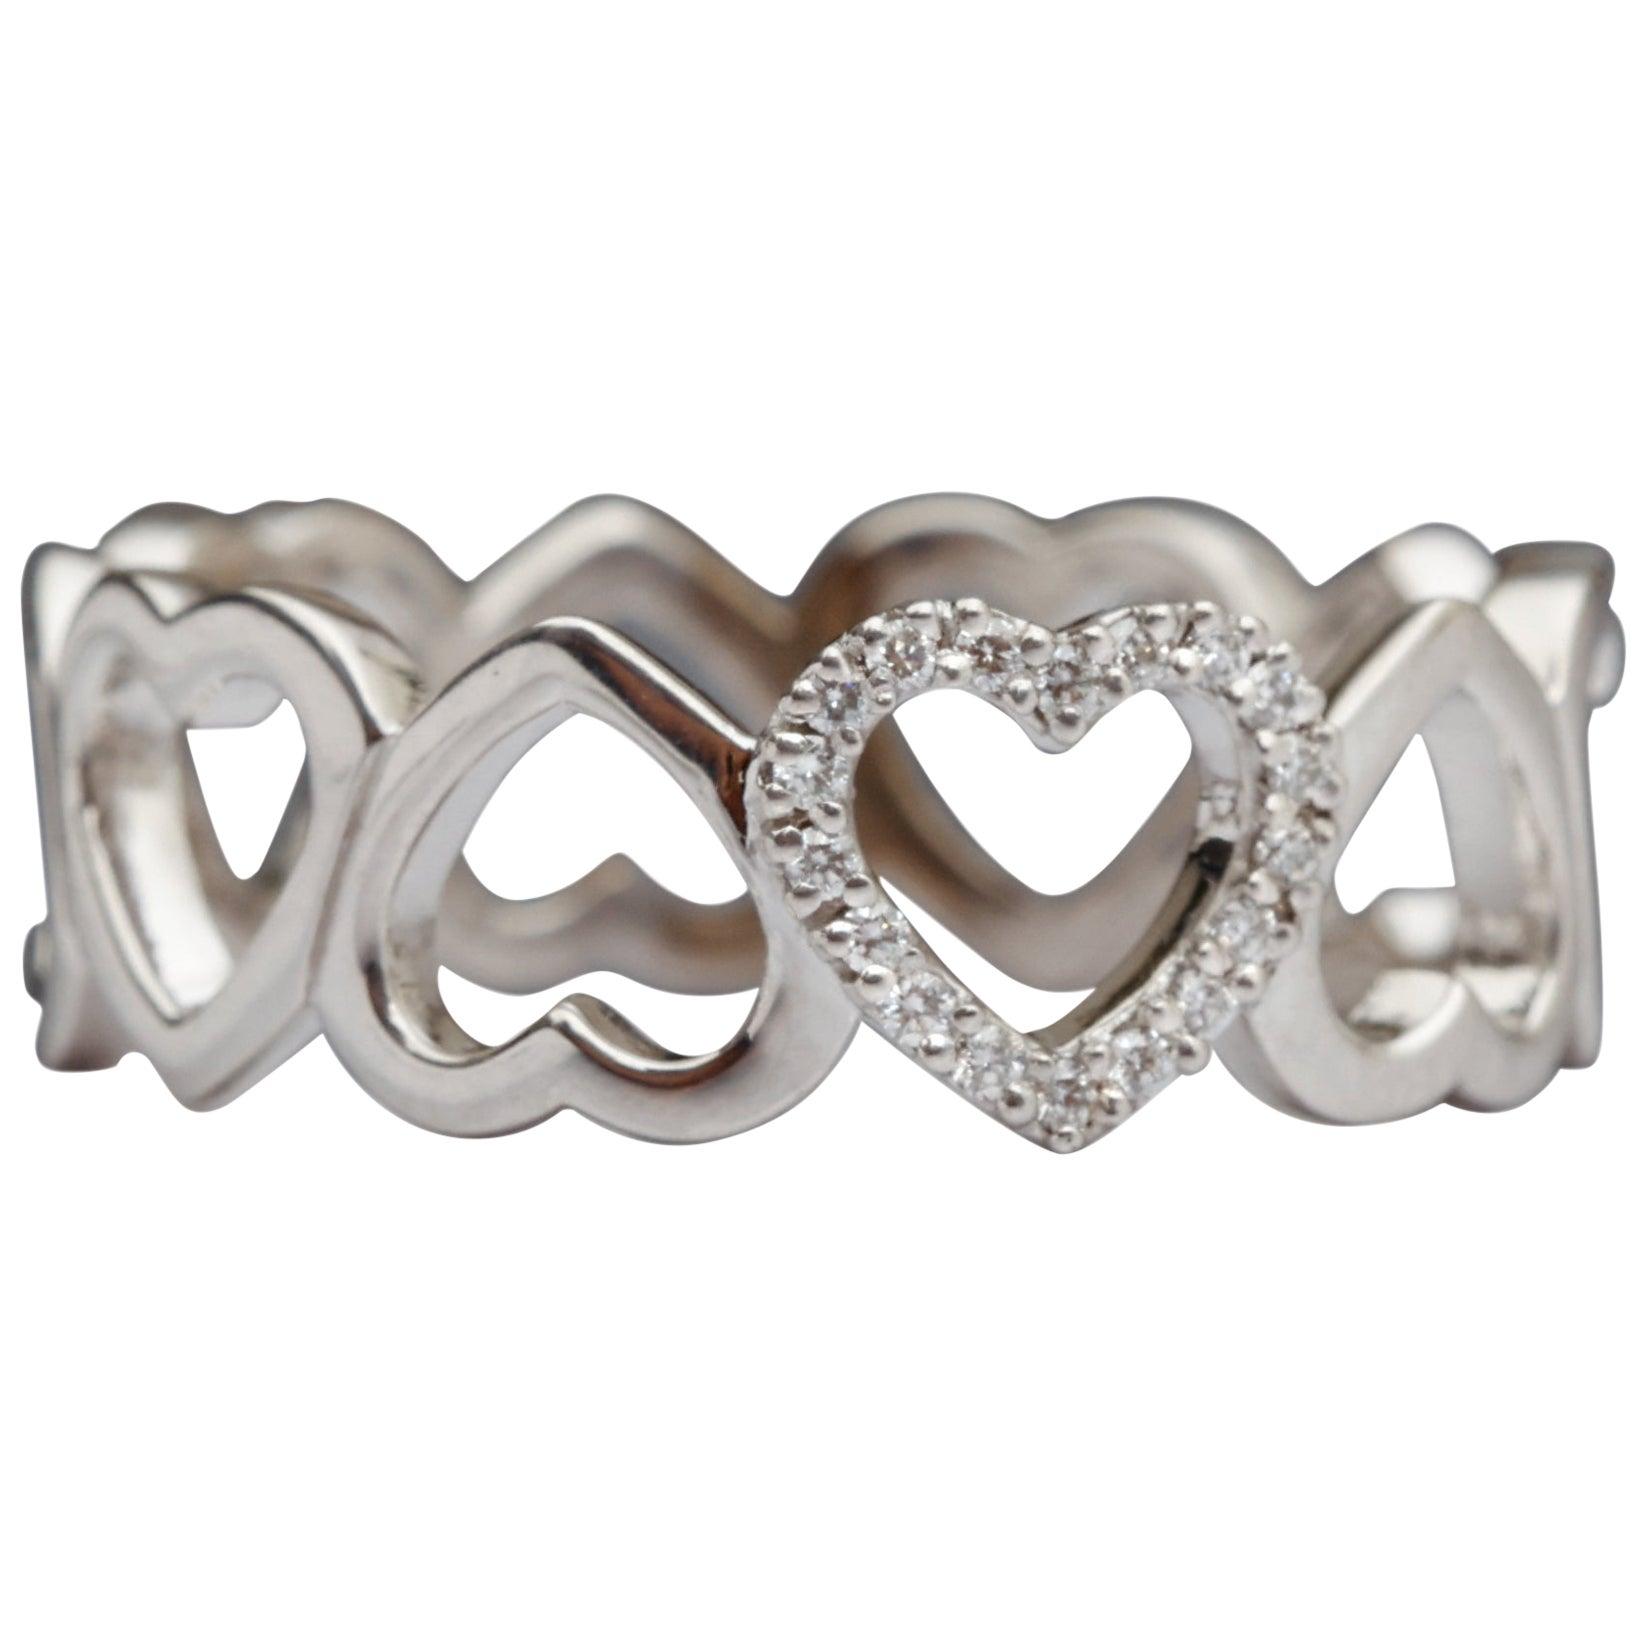 Tiffany & Co. Diamond Heart Band, 18 Karat Gold